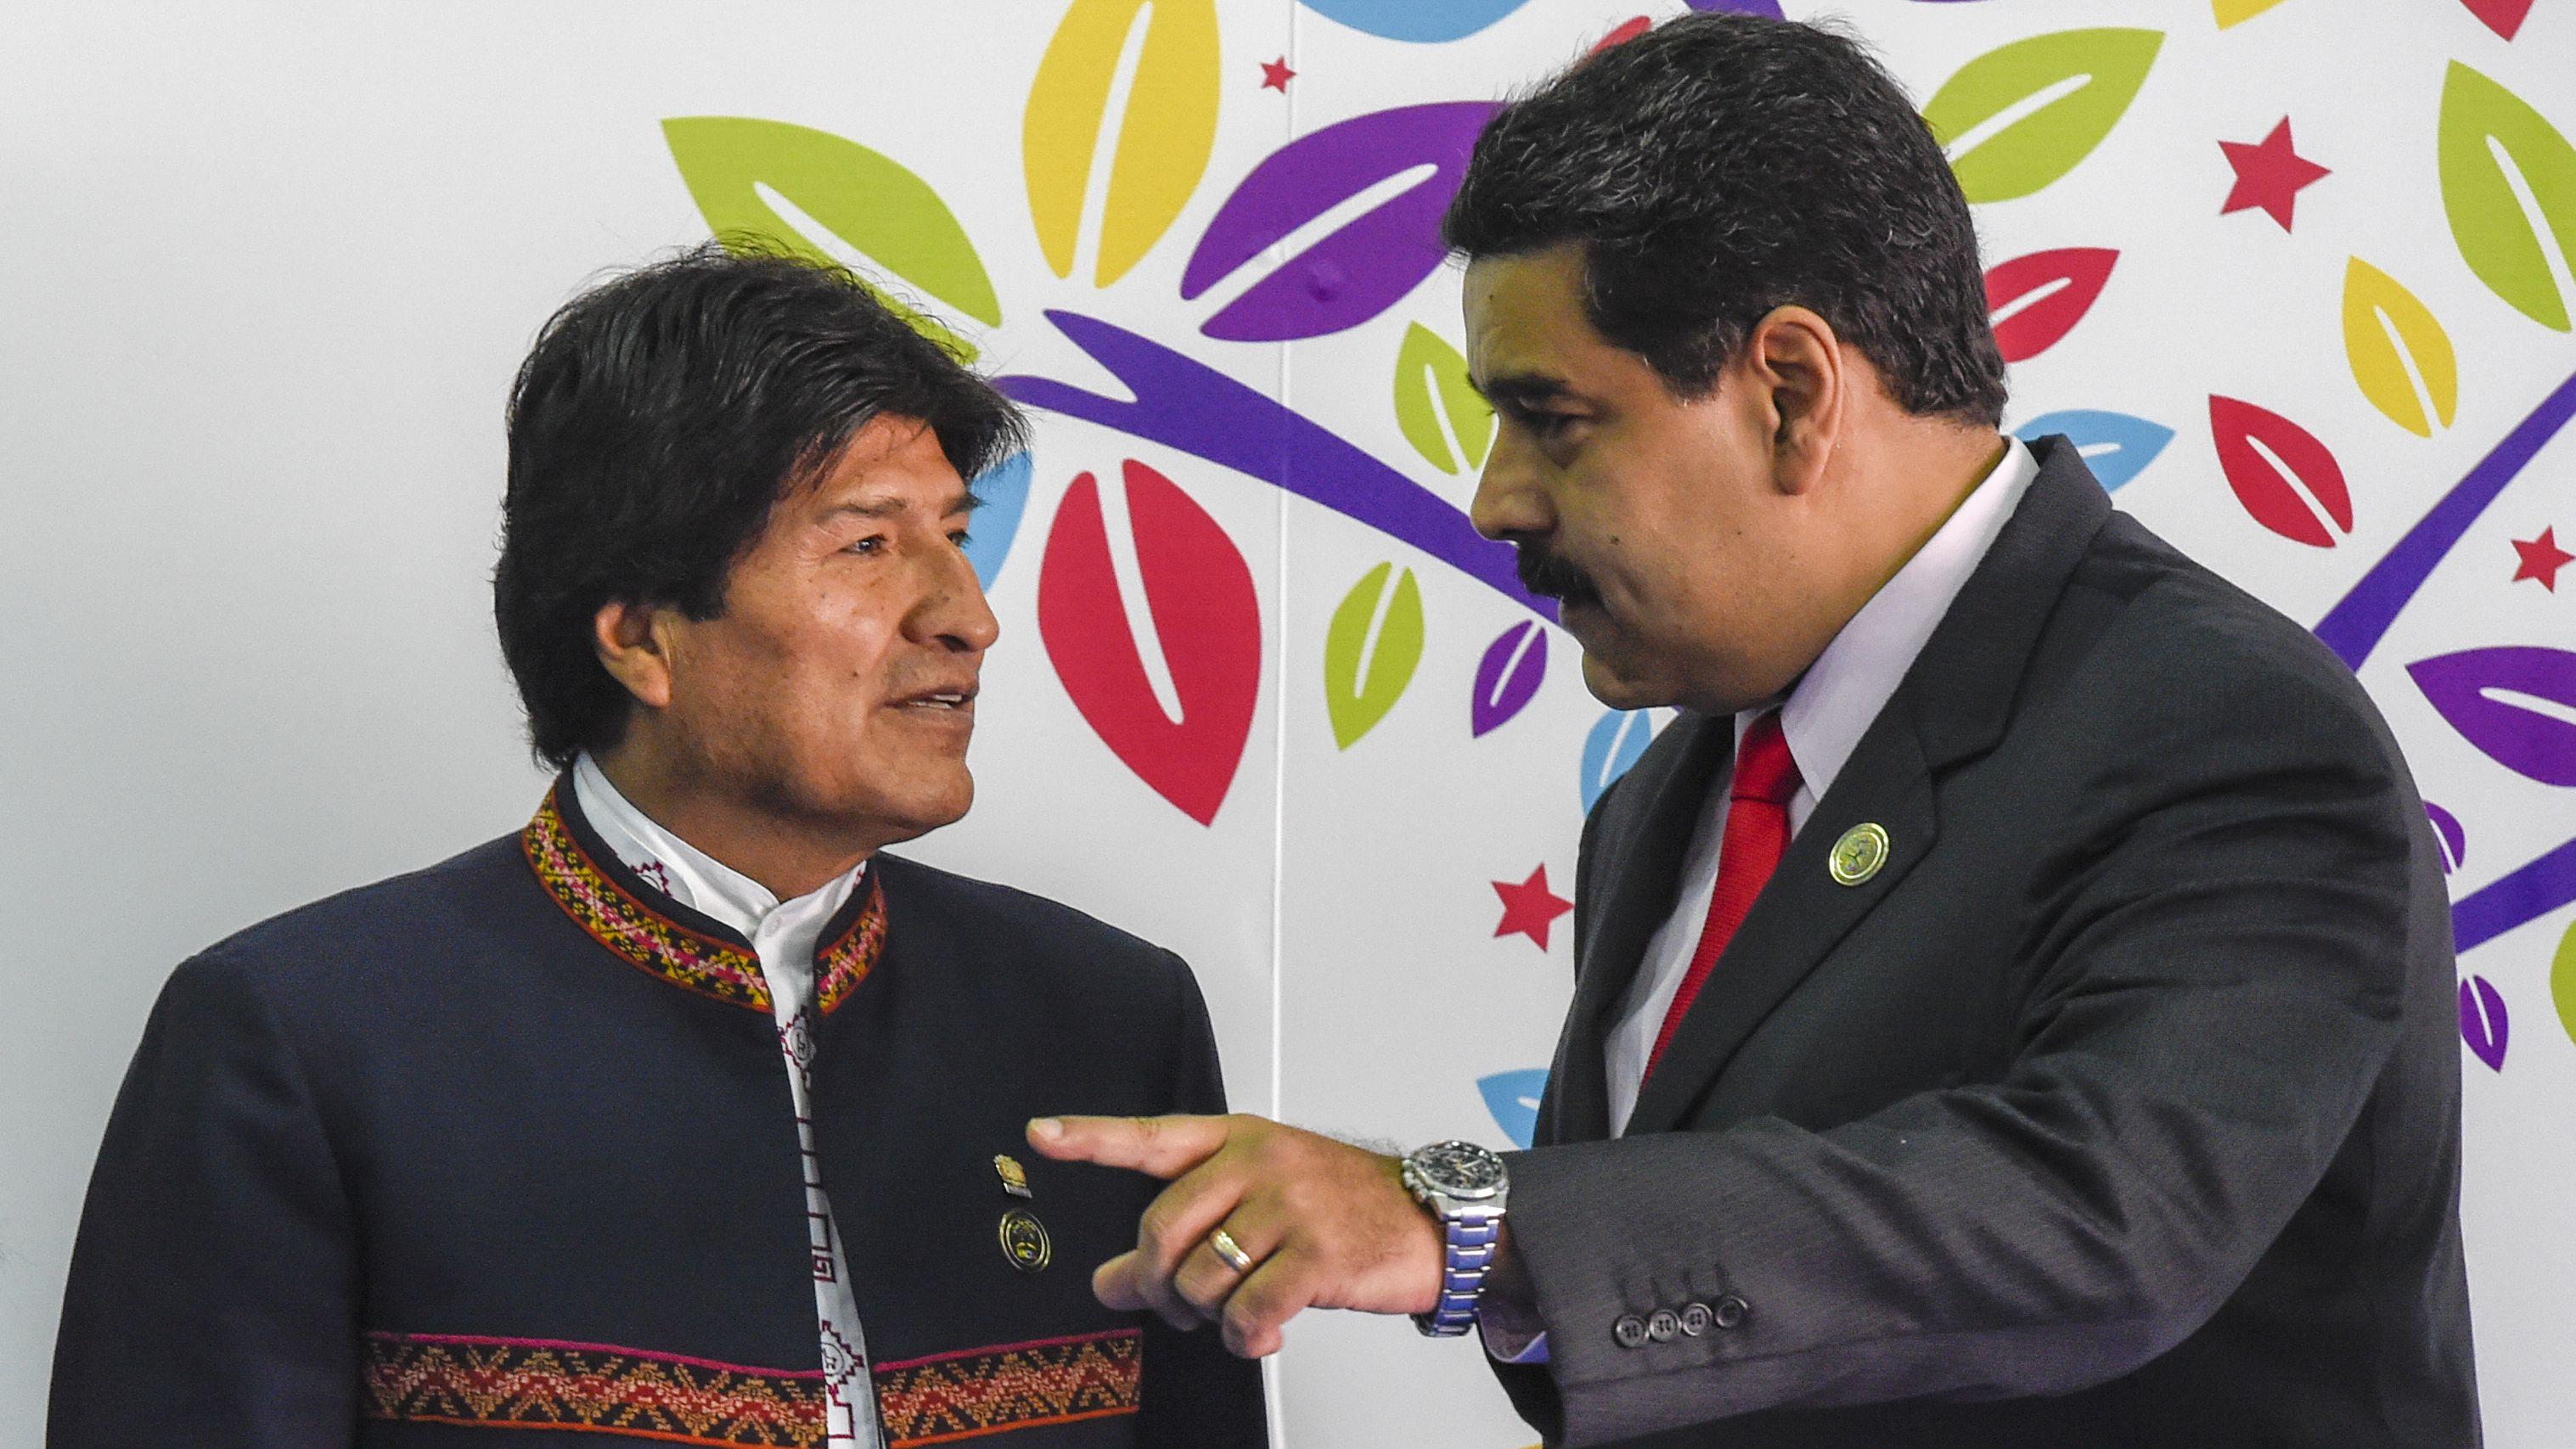 En esta foto de archivo tomada el 17 de septiembre de 2016, Evo Morales habla con Nicolás Maduro antes de la ceremonia de apertura de la cumbre del Movimiento de Países No Alineados en Isla Margarita, Venezuela (Foto de Juan Barreto / AFP)